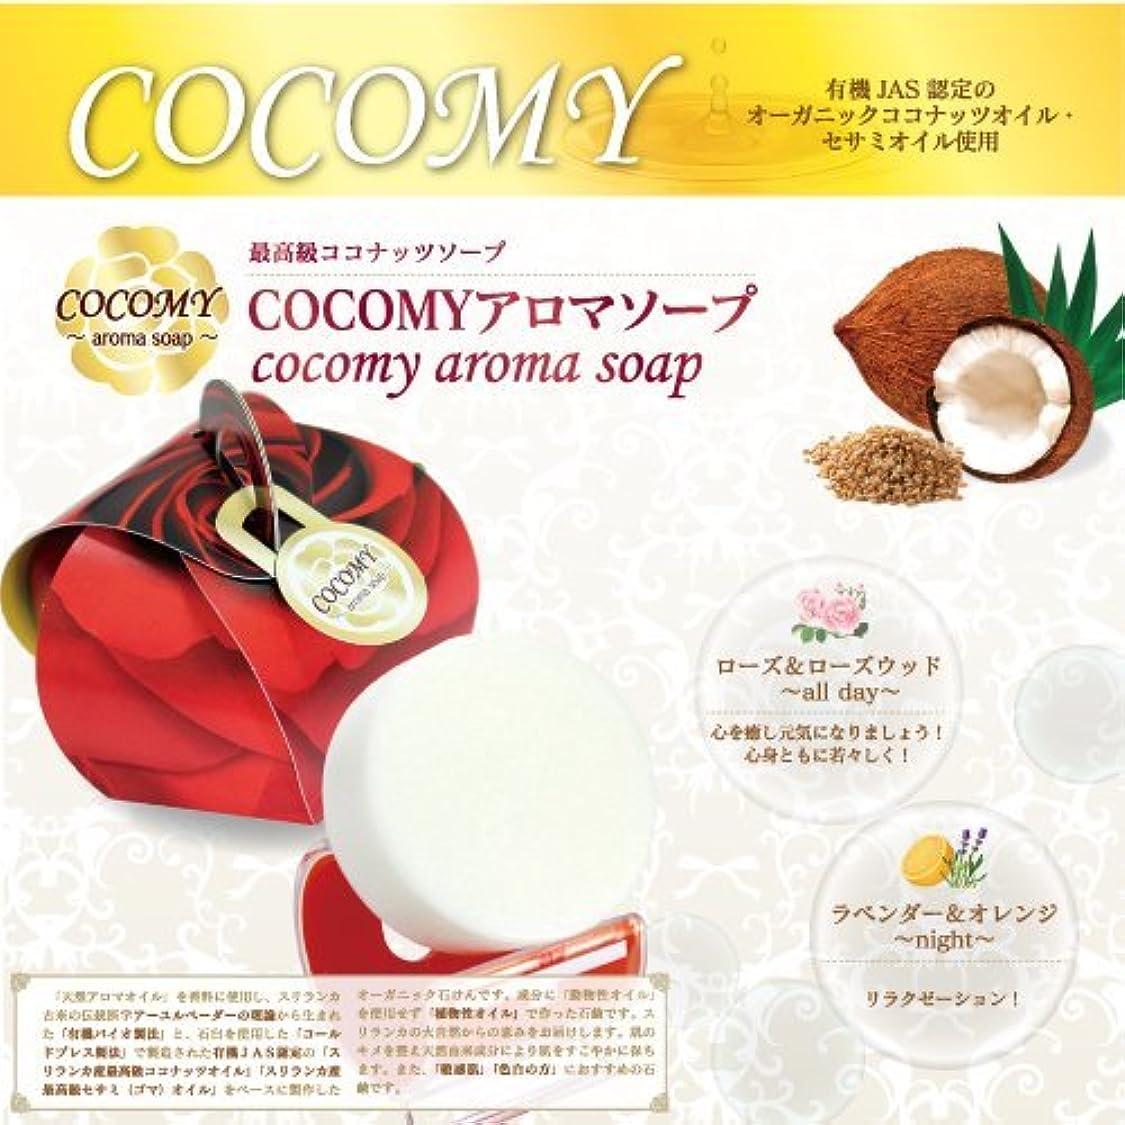 購入スキップ手配するCOCOMY aromaソープ 4個セット (ラベンダー&オレンジ)(ローズ&ローズウッド) 40g×各2